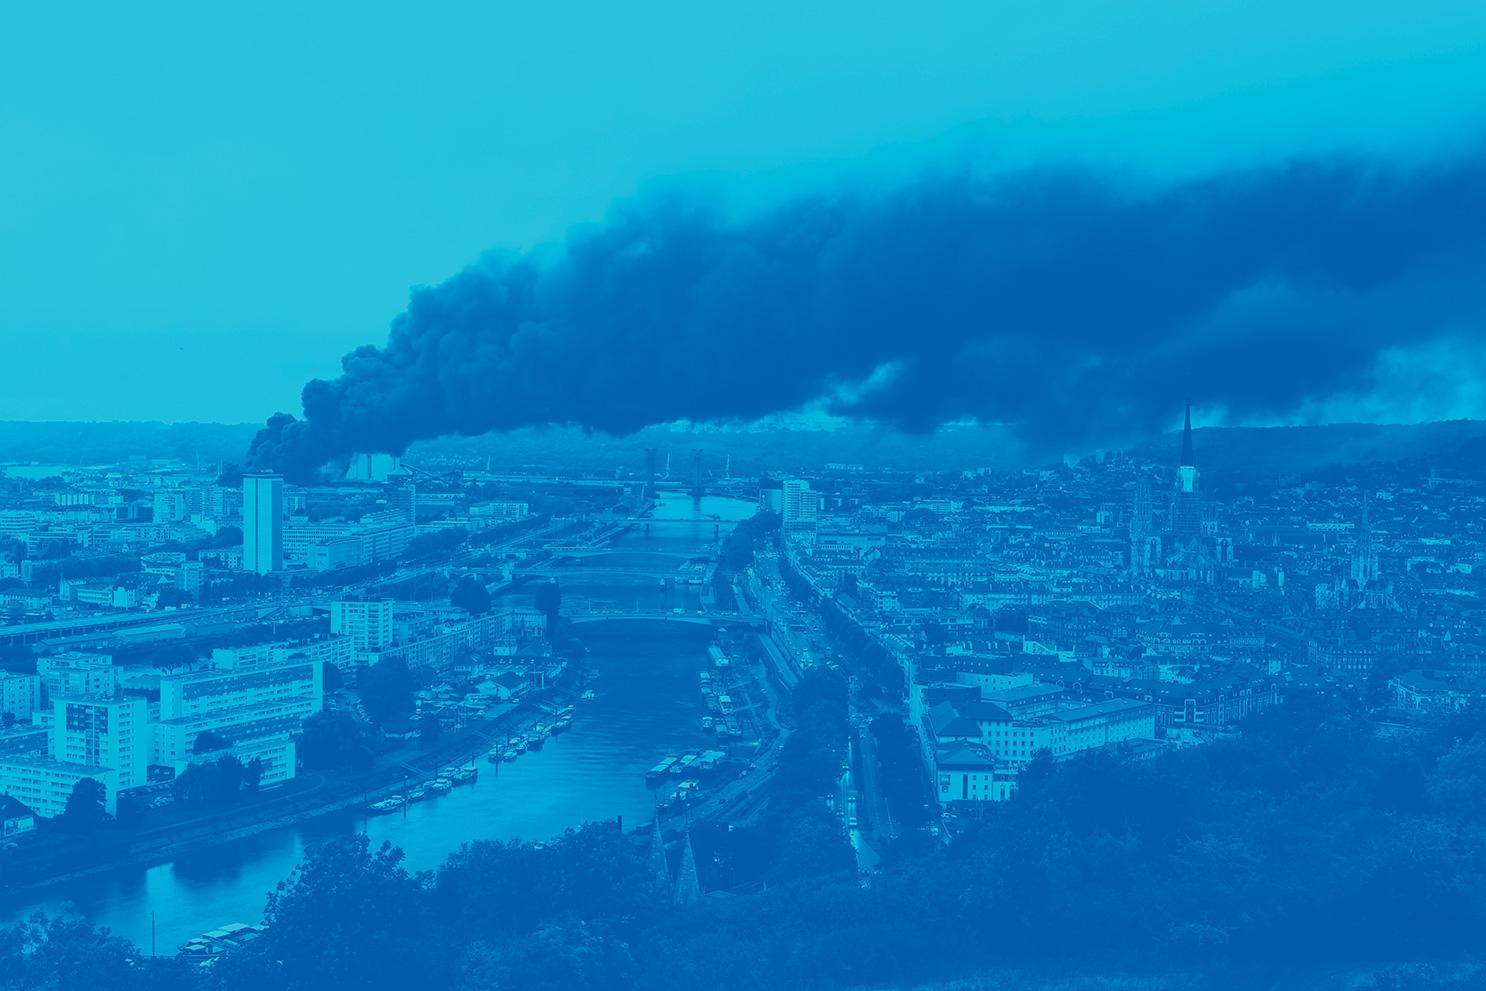 Incendie industriel du 26 septembre 2019 à Rouen : premiers chiffres de participation à l'enquête « Une étude à l'écoute de votre santé »